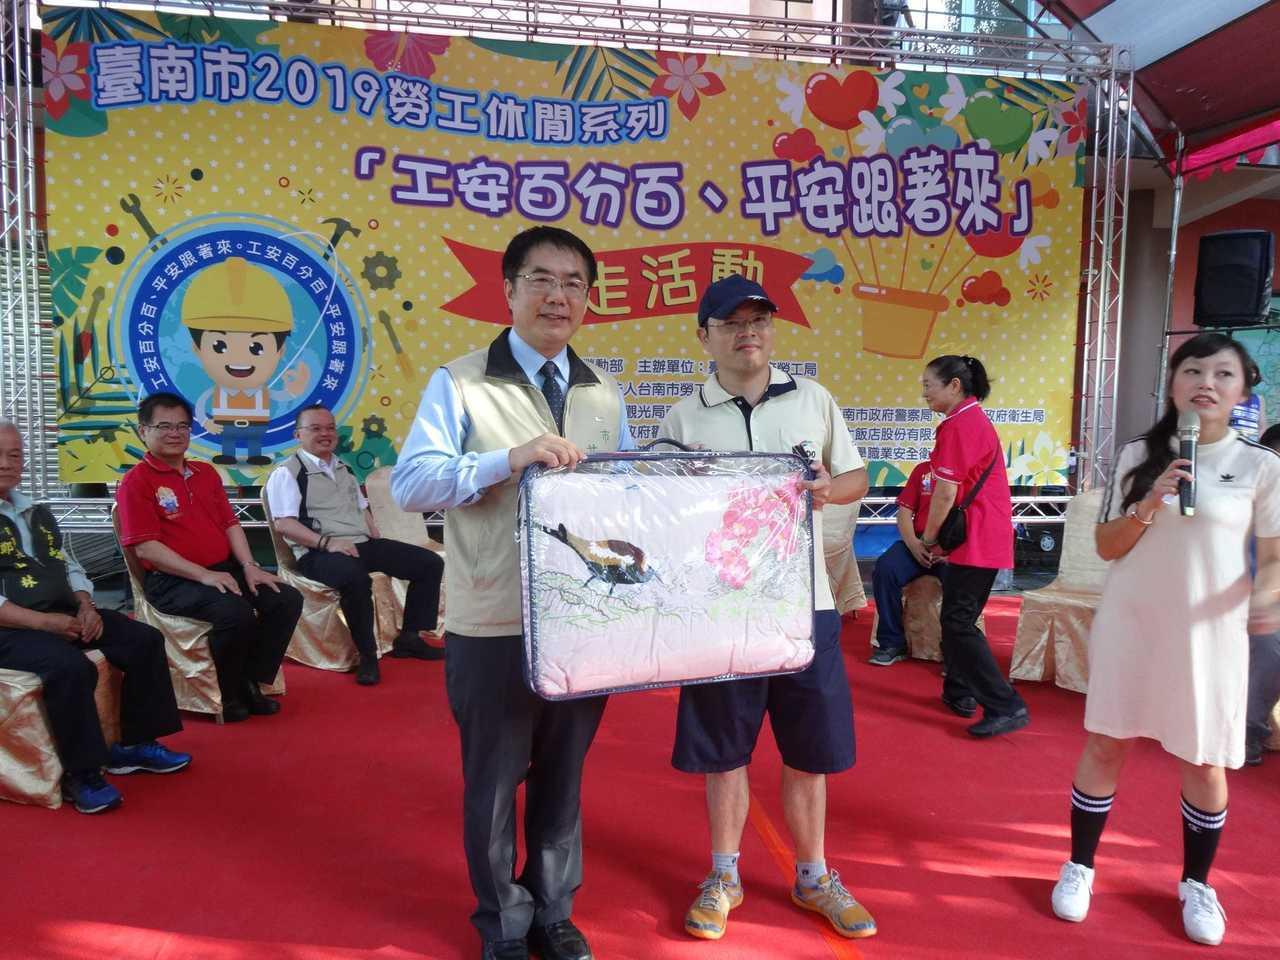 台南市長黃偉哲出席應邀抽獎。記者謝進盛/攝影